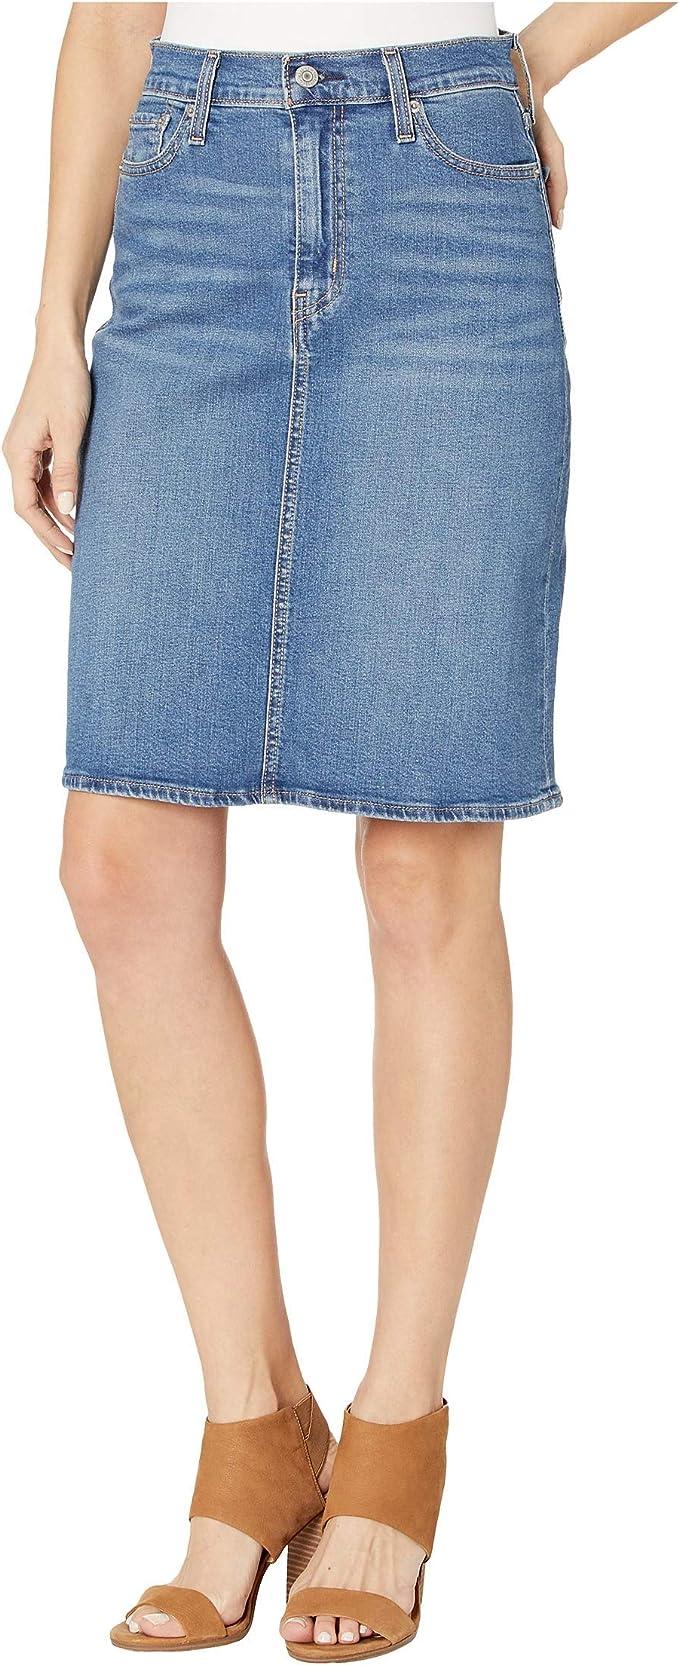 Levis faldas clásicas para mujer - Azul - 32 ES: Amazon.es: Ropa y accesorios